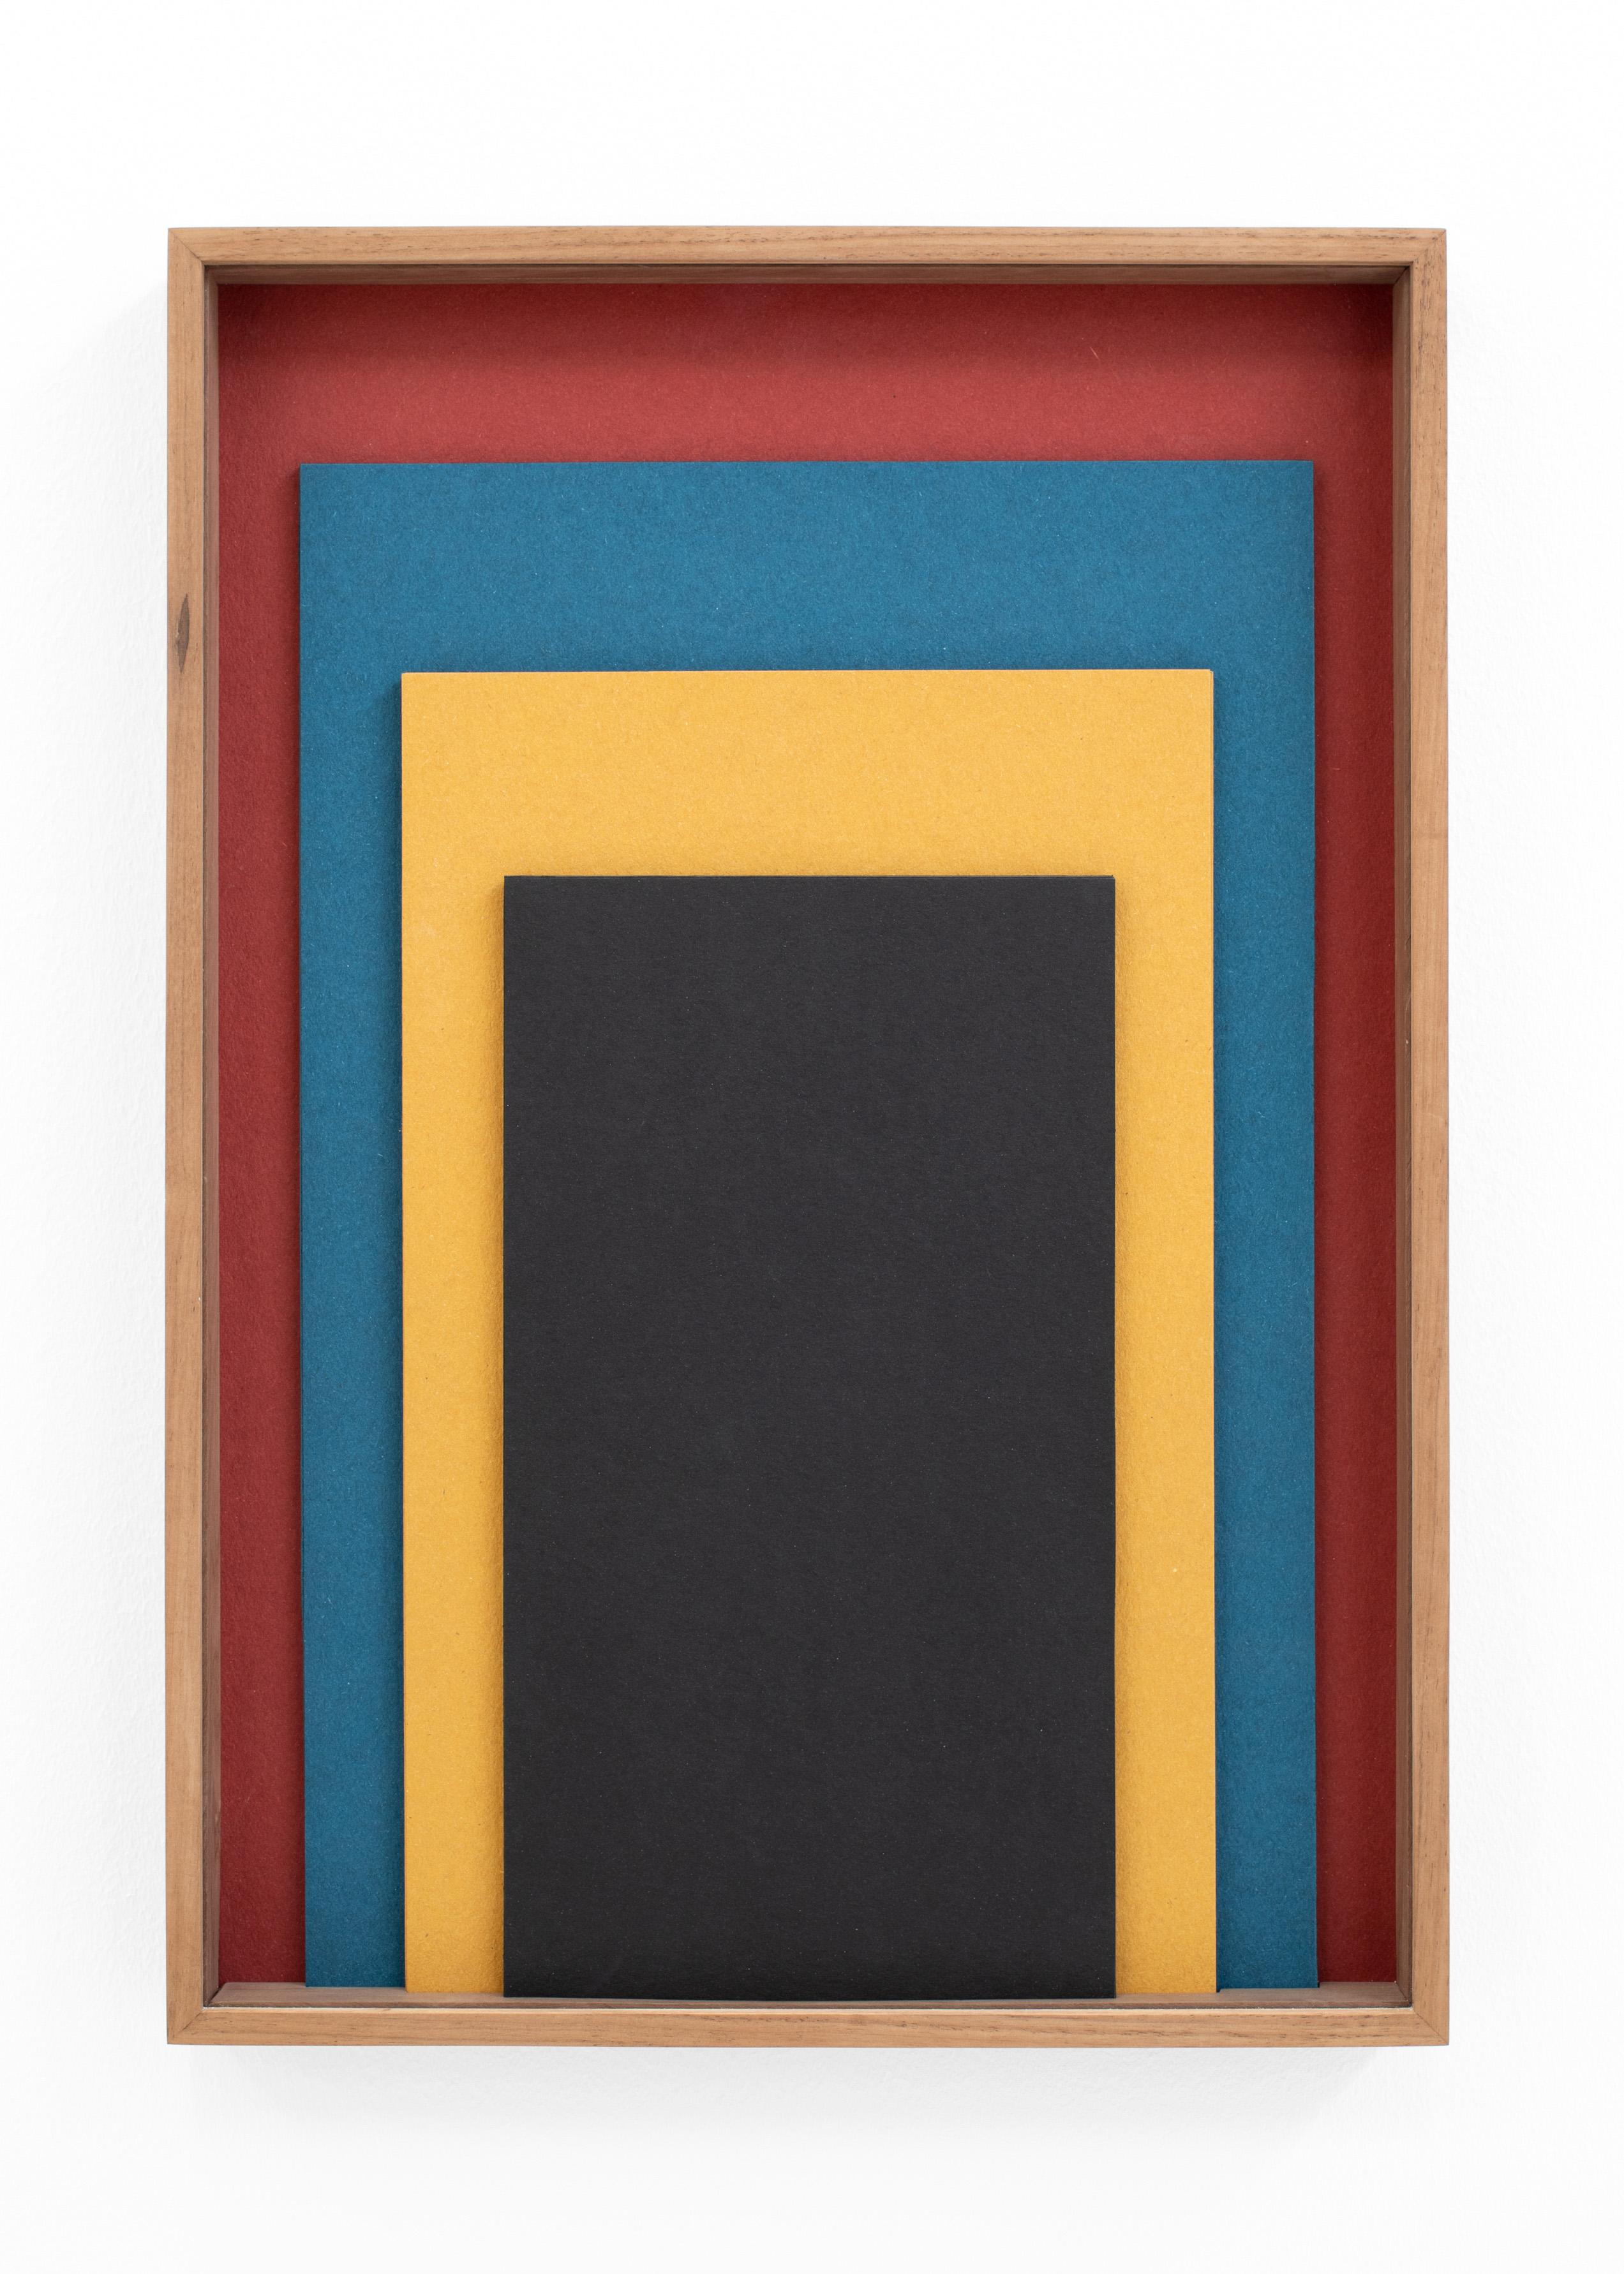 IRMA ÁLVAREZ LAVIADA S.T (Rojo, azul, amarillo, negro), 2021, Irma Álvarez-Laviada: TODO SE PARECE A ALGO , L21, 14 May – 23 June. Courtesy: L21 Gallery